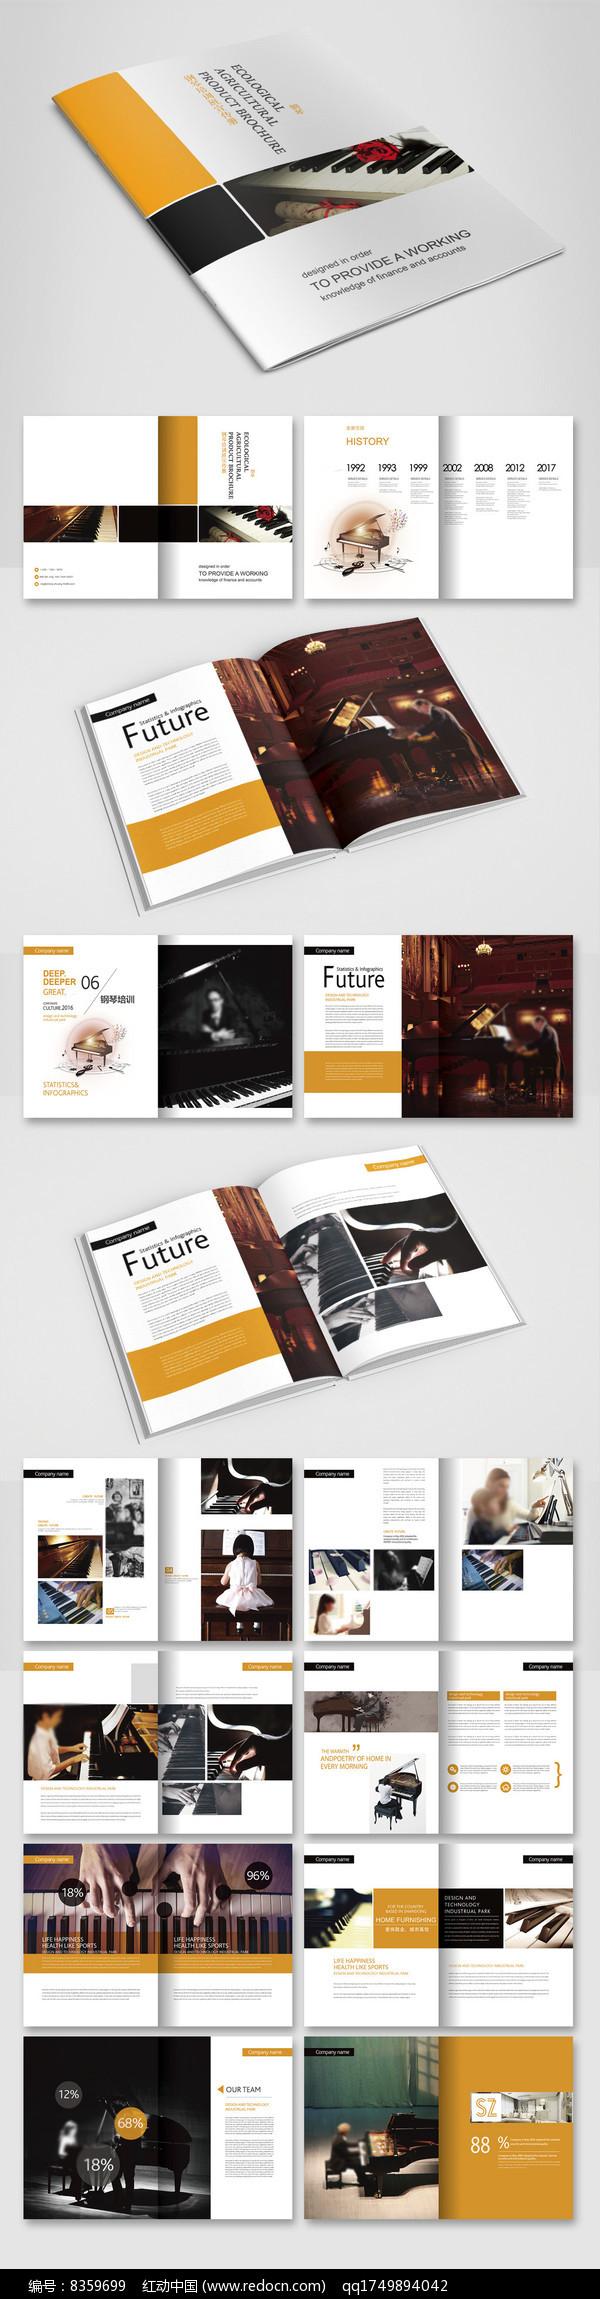 钢琴培训学校宣传册图片